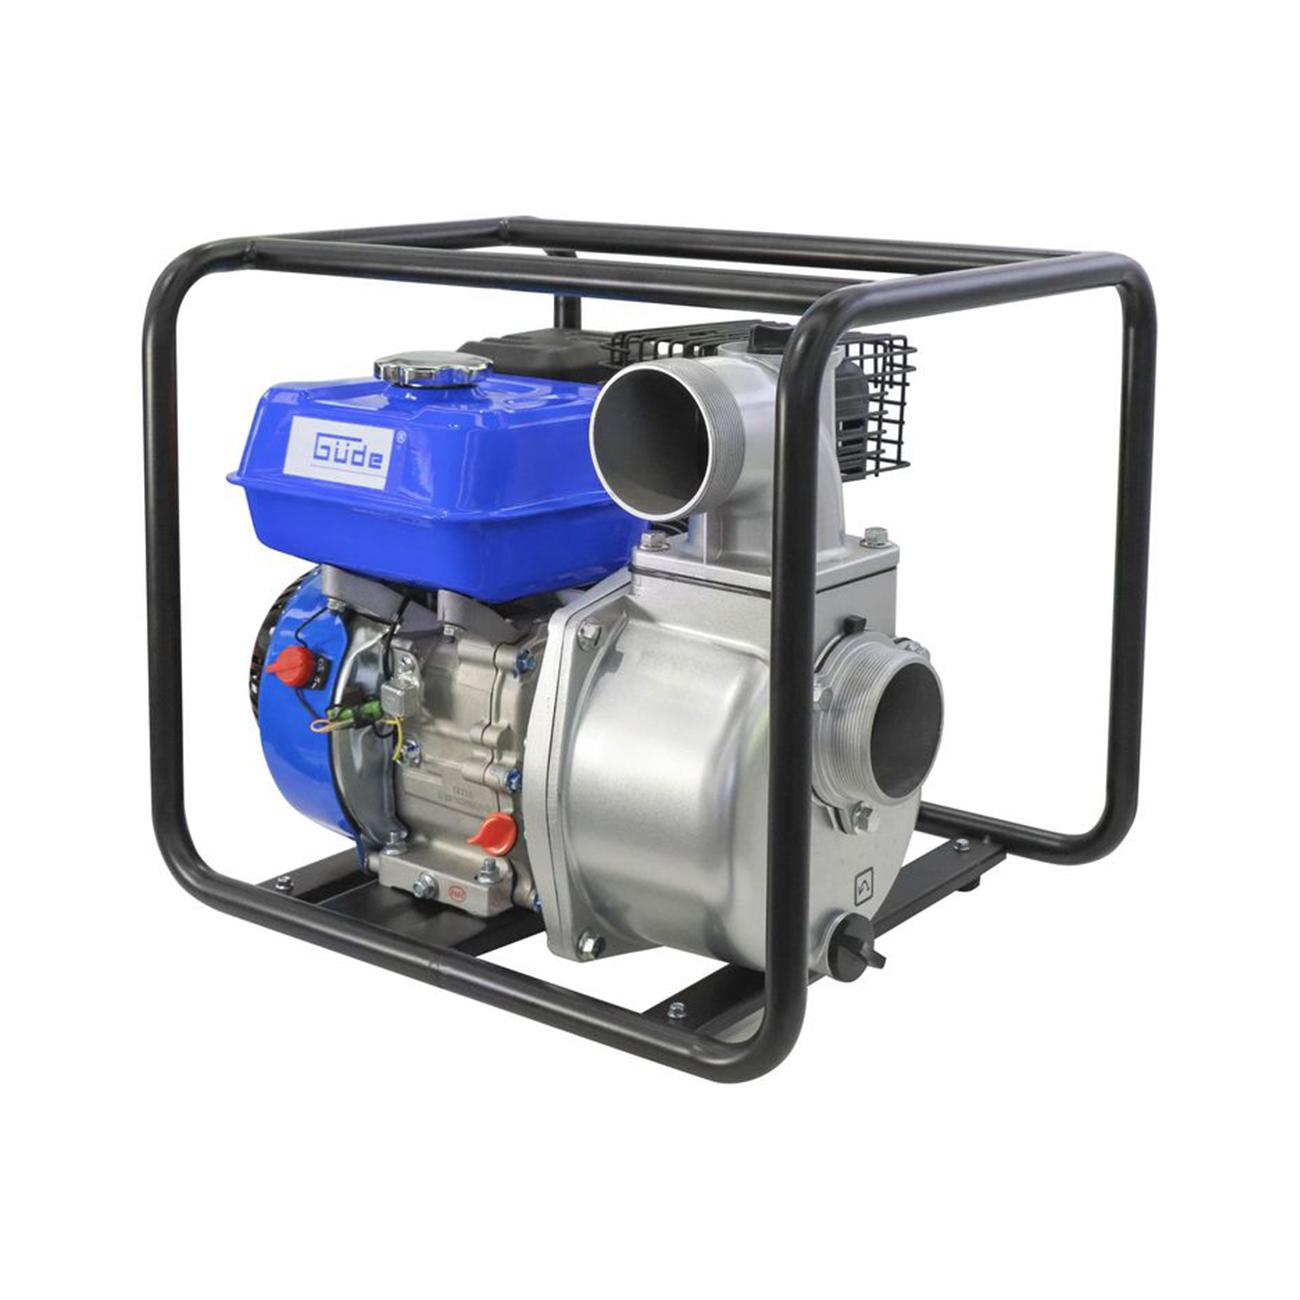 Güde Motorpumpe Wasserpumpe Benzinwasserpumpe Schmutzwasserpumpe GMP 50.25 94505